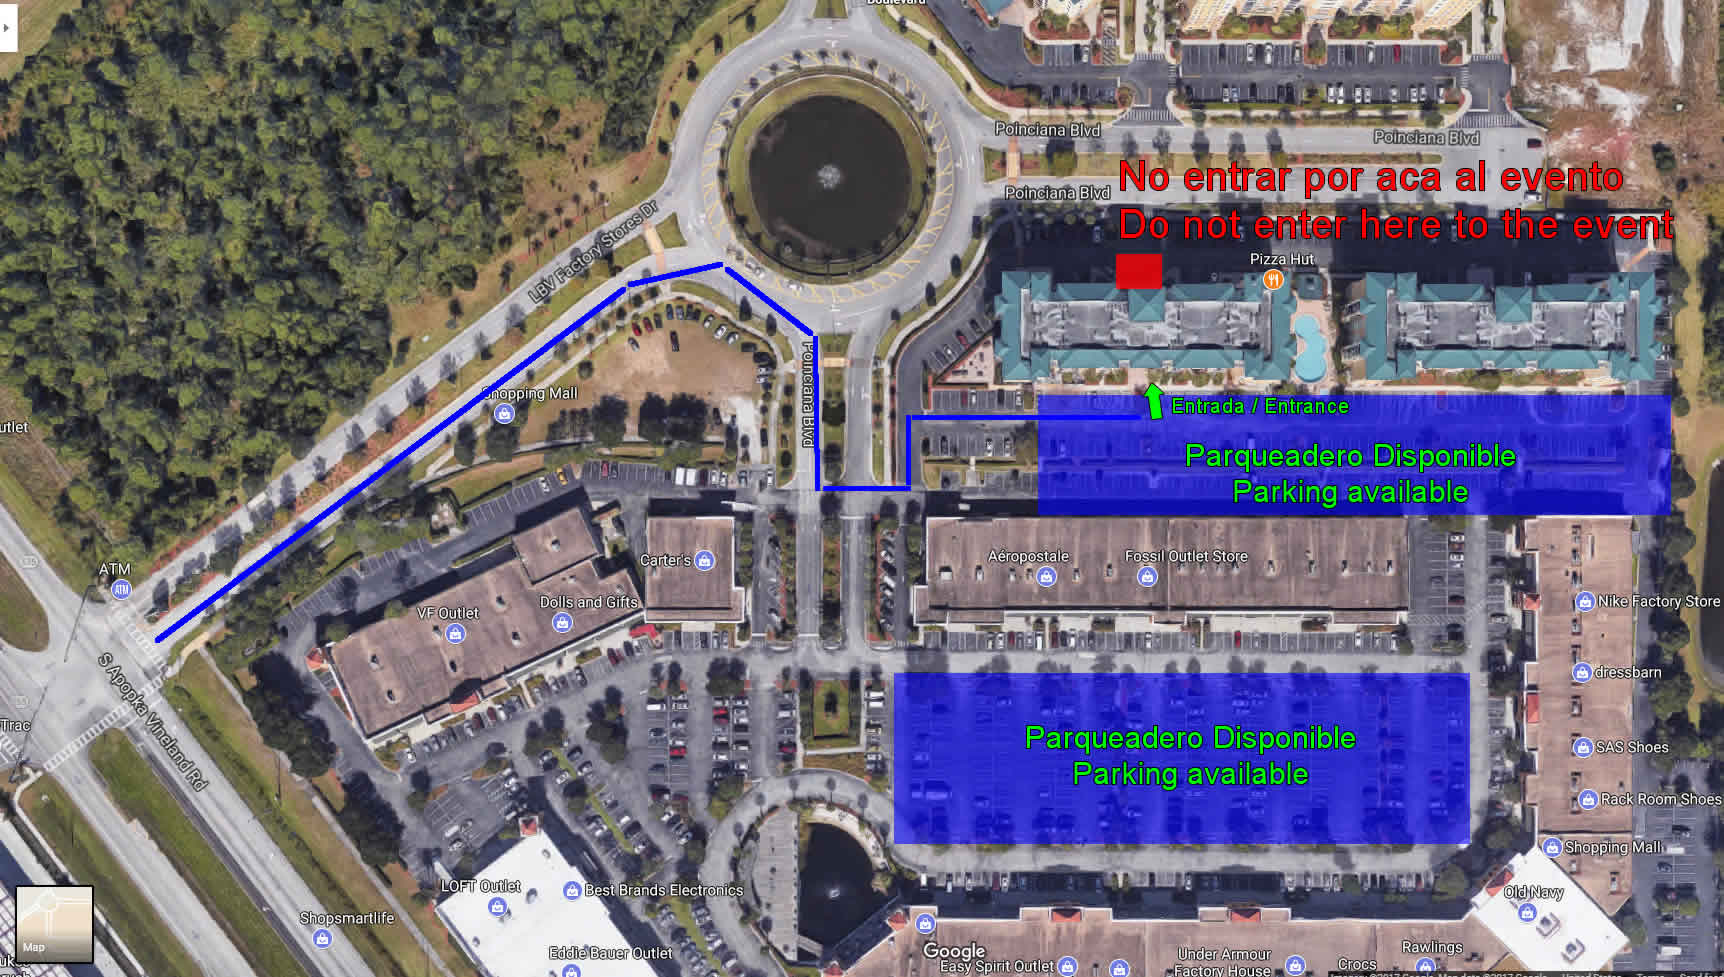 mapa ed ubicacion evento orlando